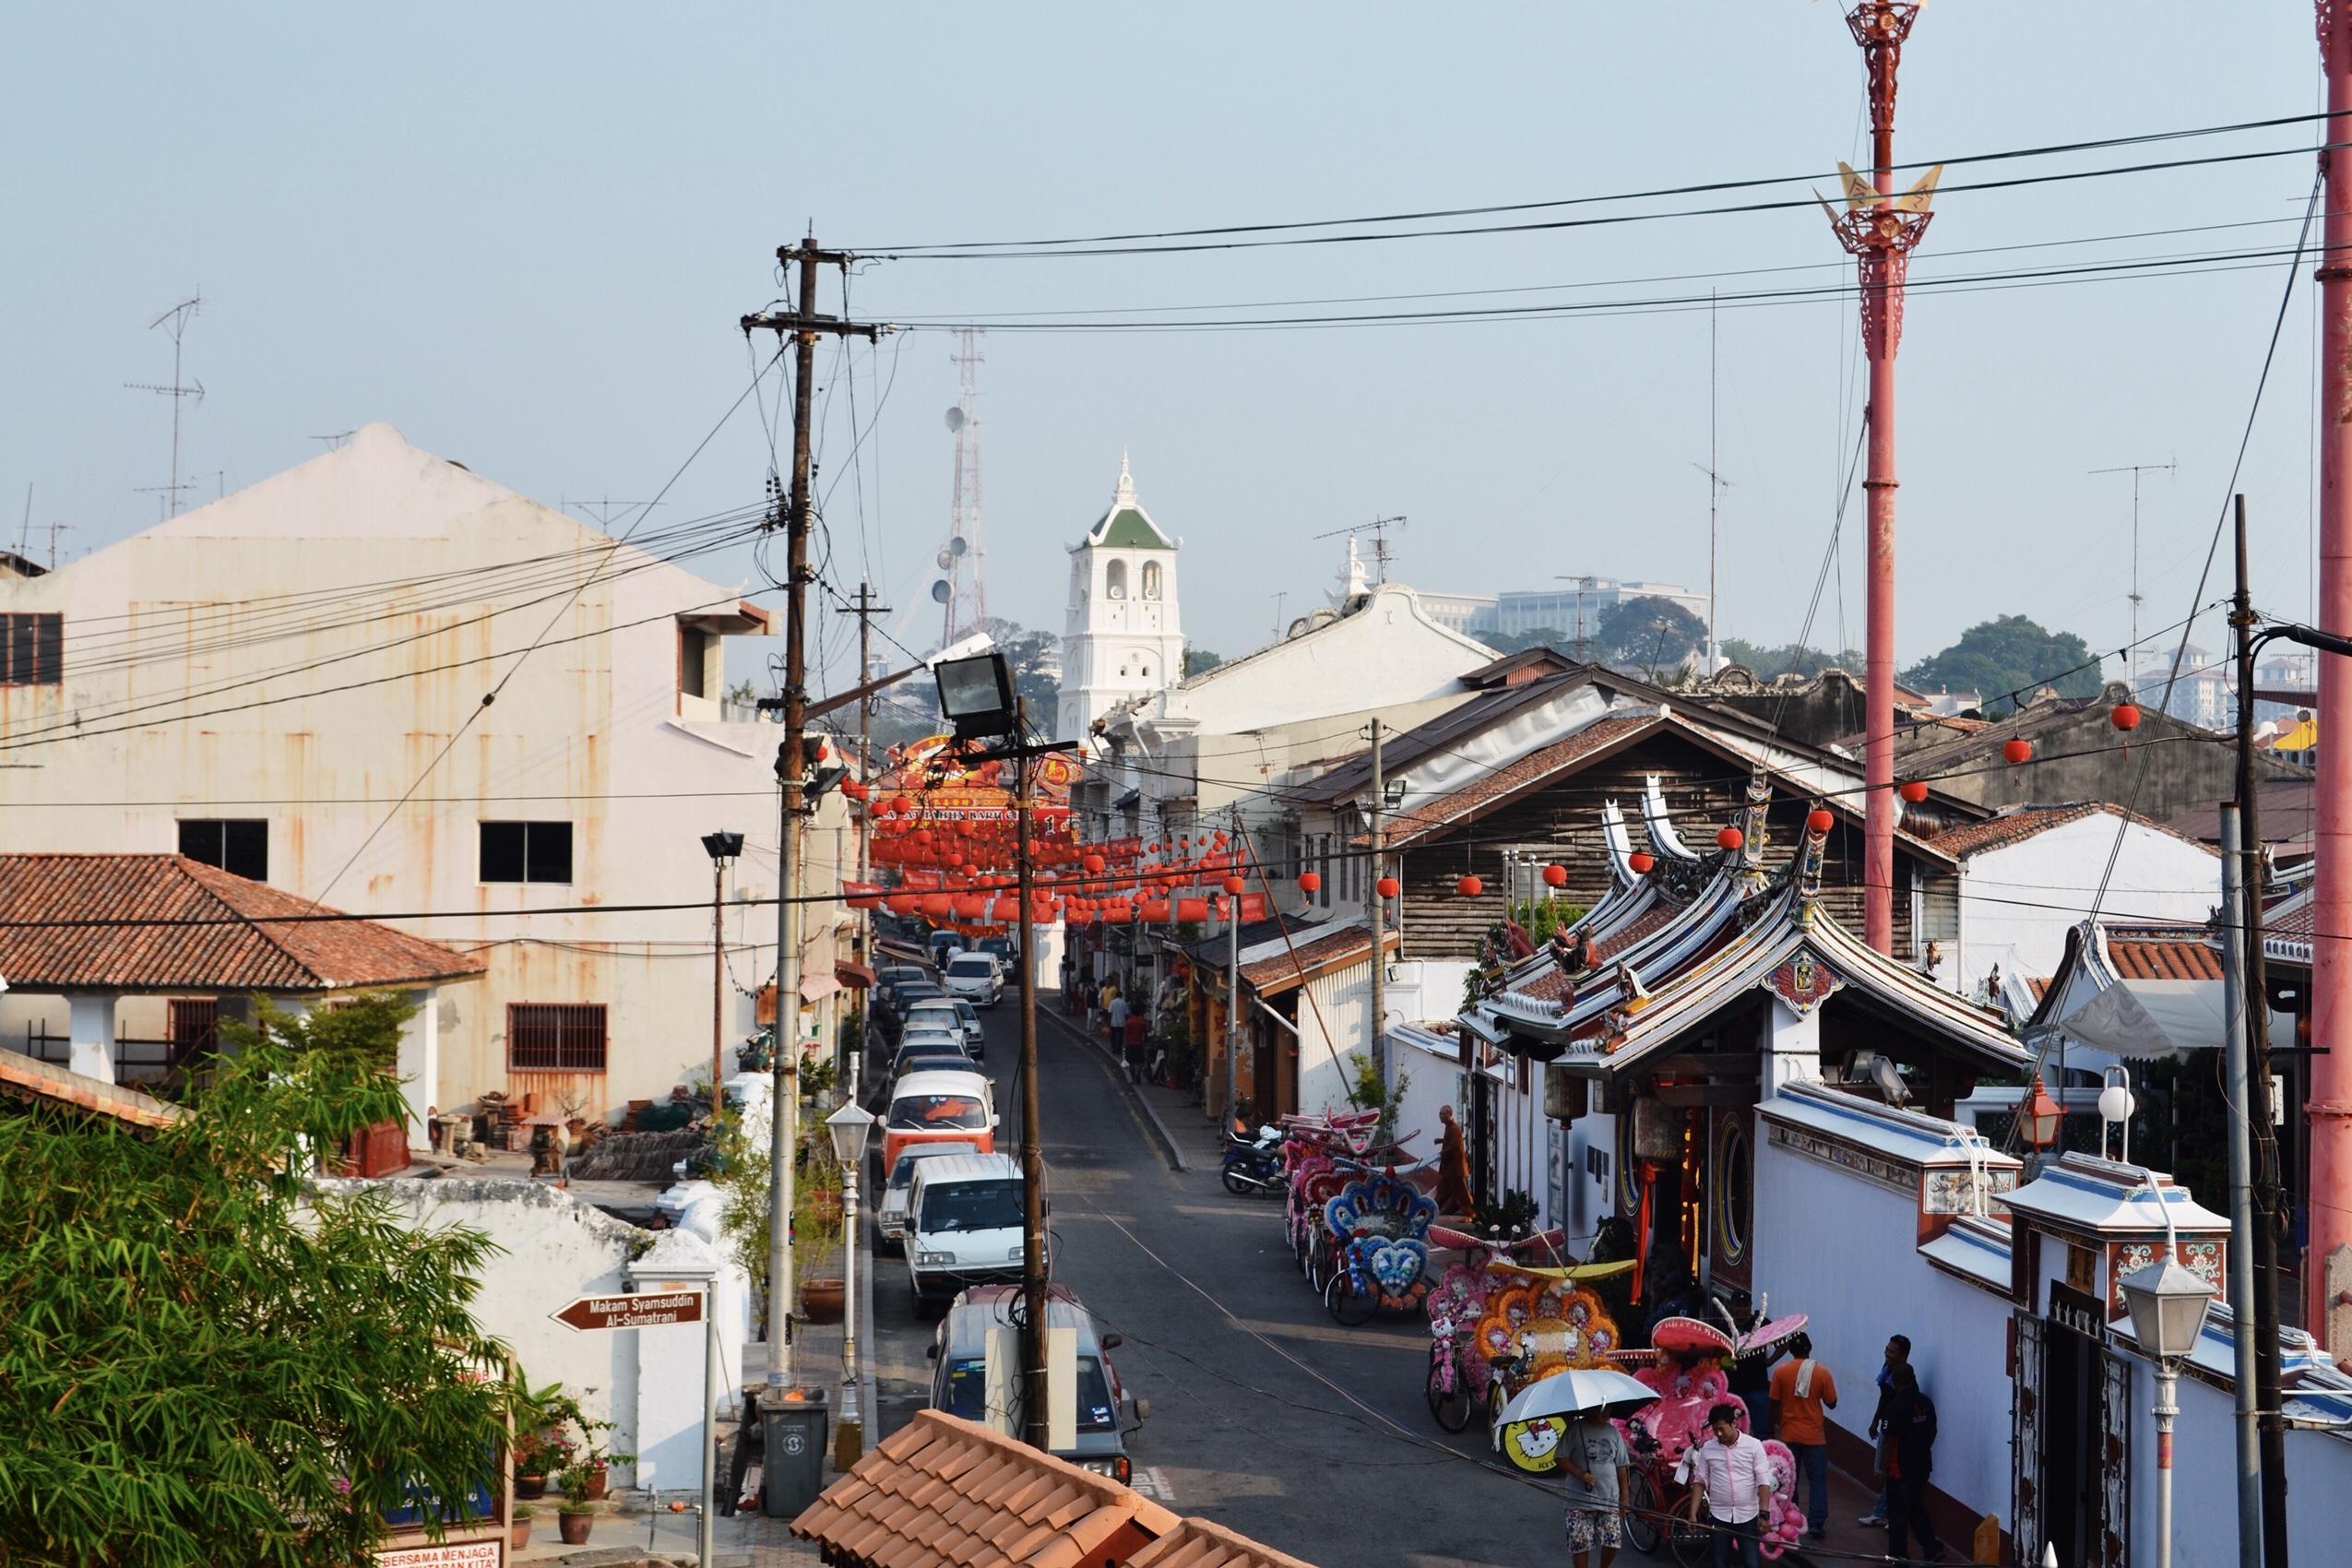 Image of Melaka in Malaysia